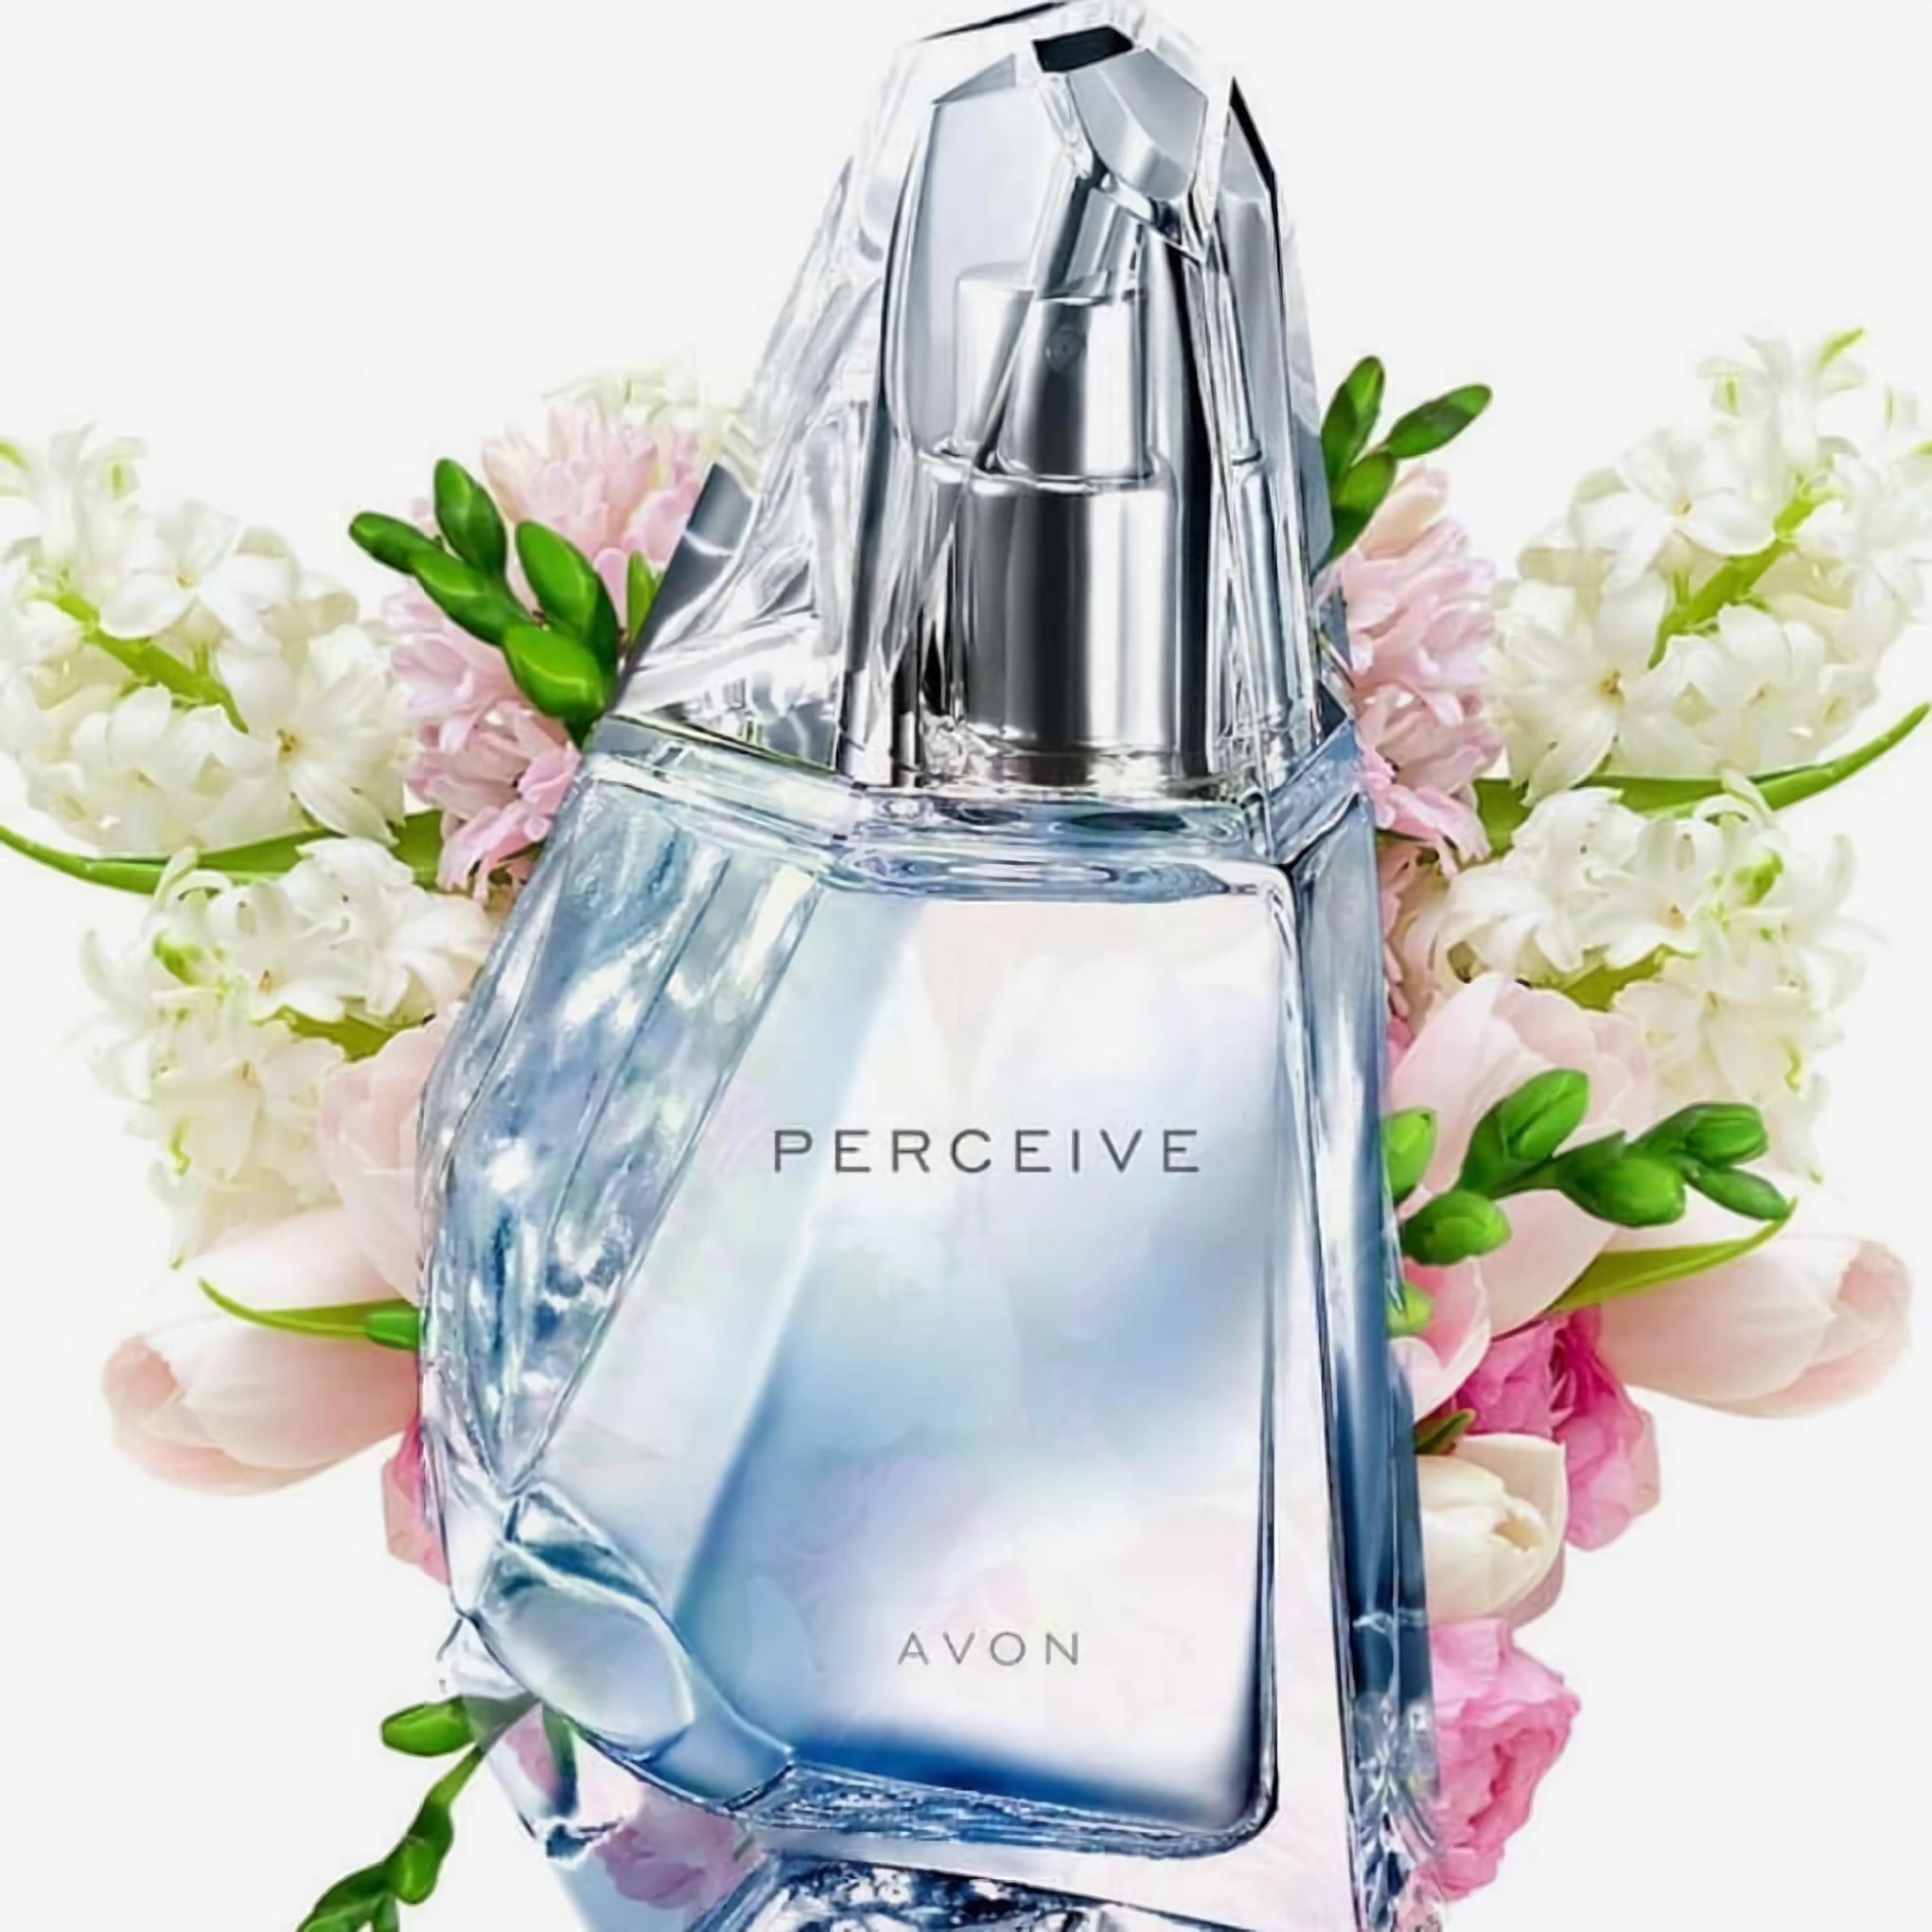 парфюм для девушек с уникальным запахом Avon Perceive Dew